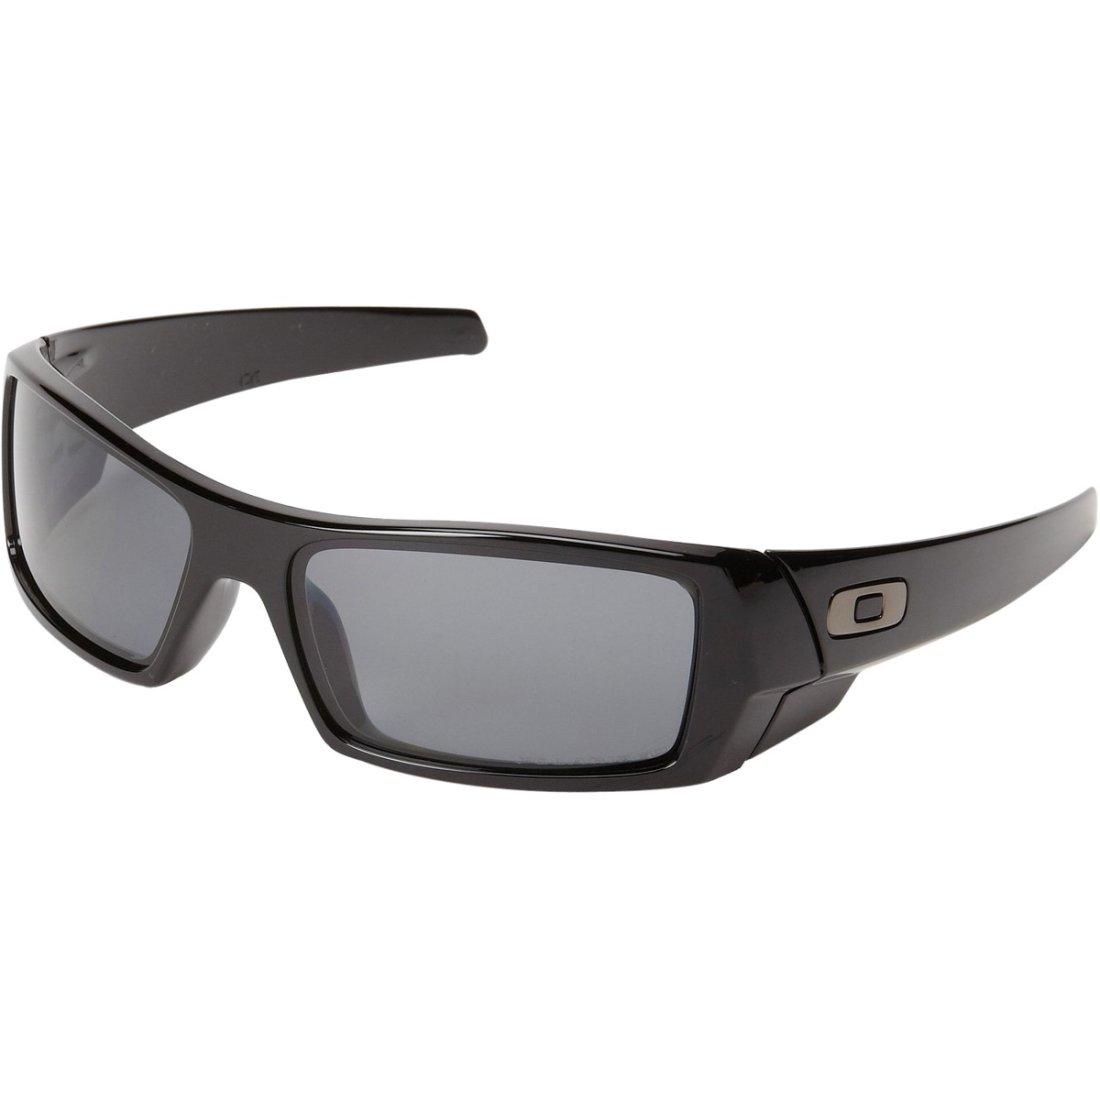 94990450d6 OAKLEY Gascan Polished Black / Grey Polarized